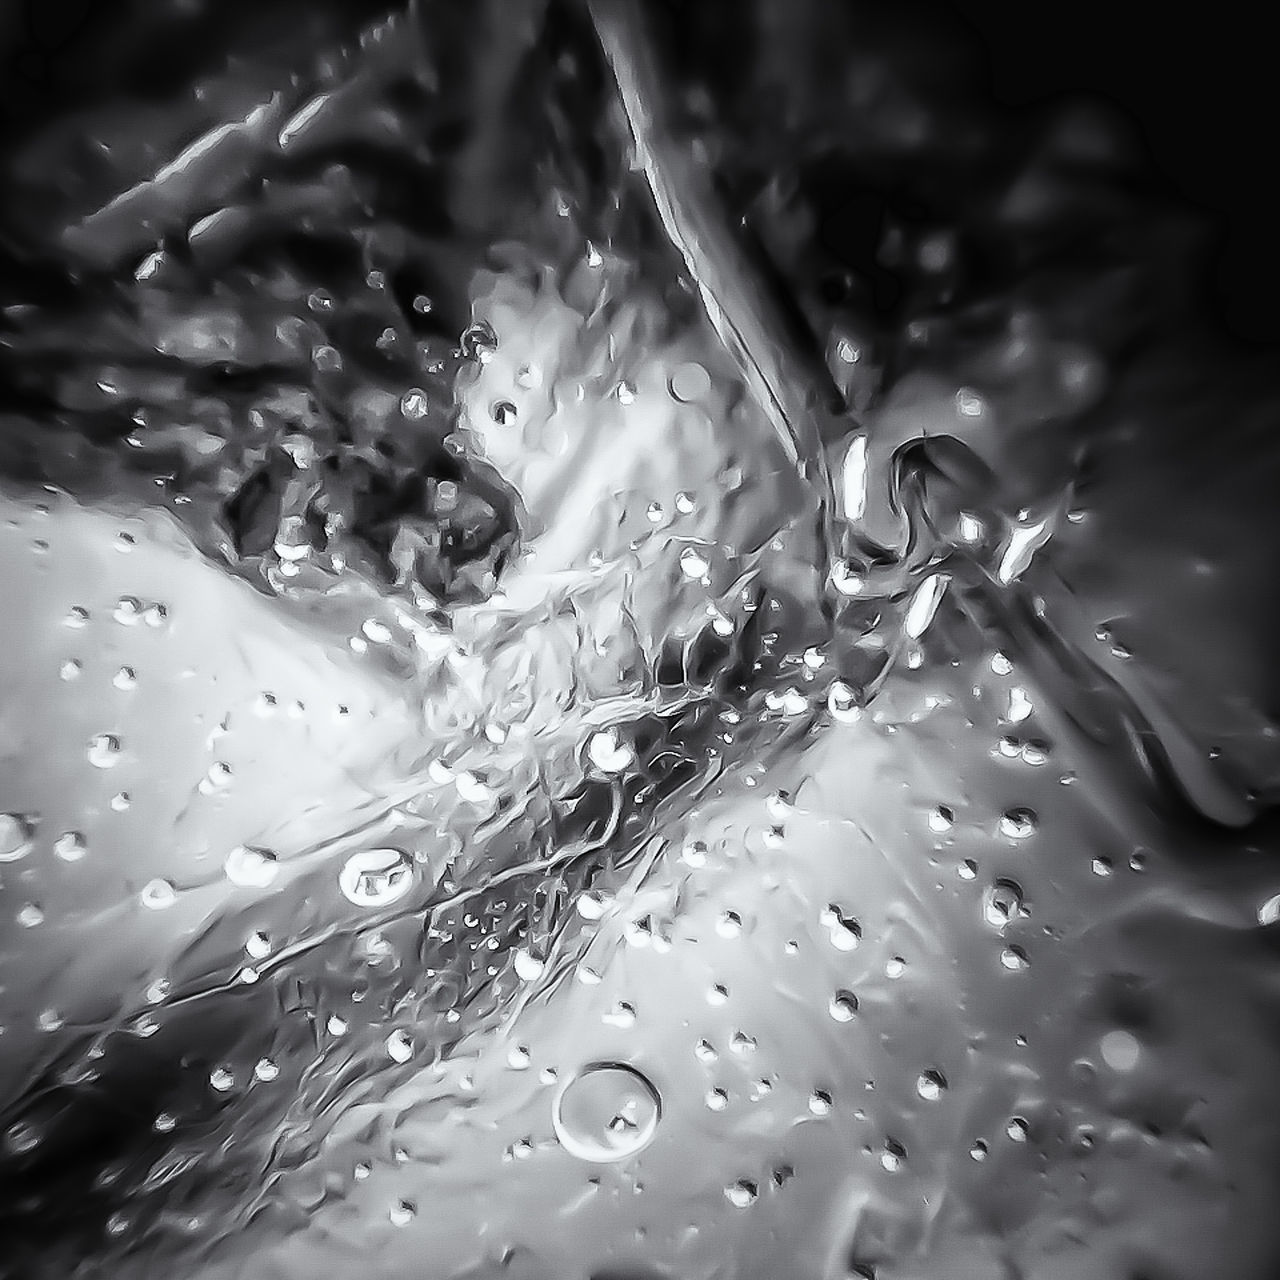 FULL FRAME SHOT OF WATER DROP ON LEAF